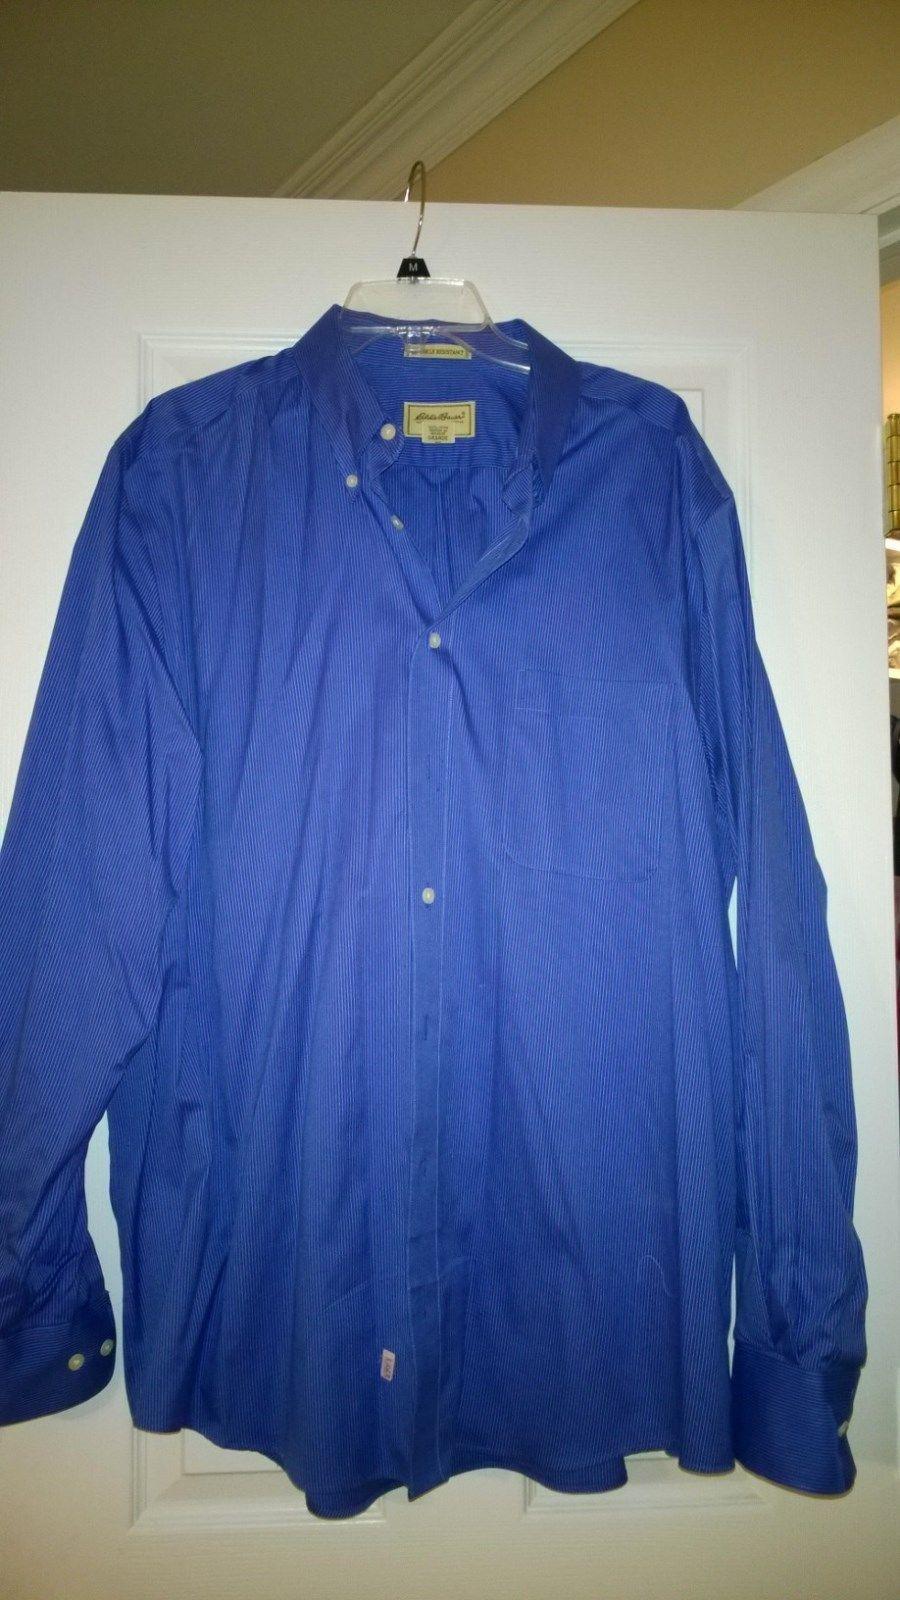 MENS EDDIE BAUER COLLARED BUTTON  DRESS SHIRT L/S BLUE PINSTRIPE TALL XLL PREOWN